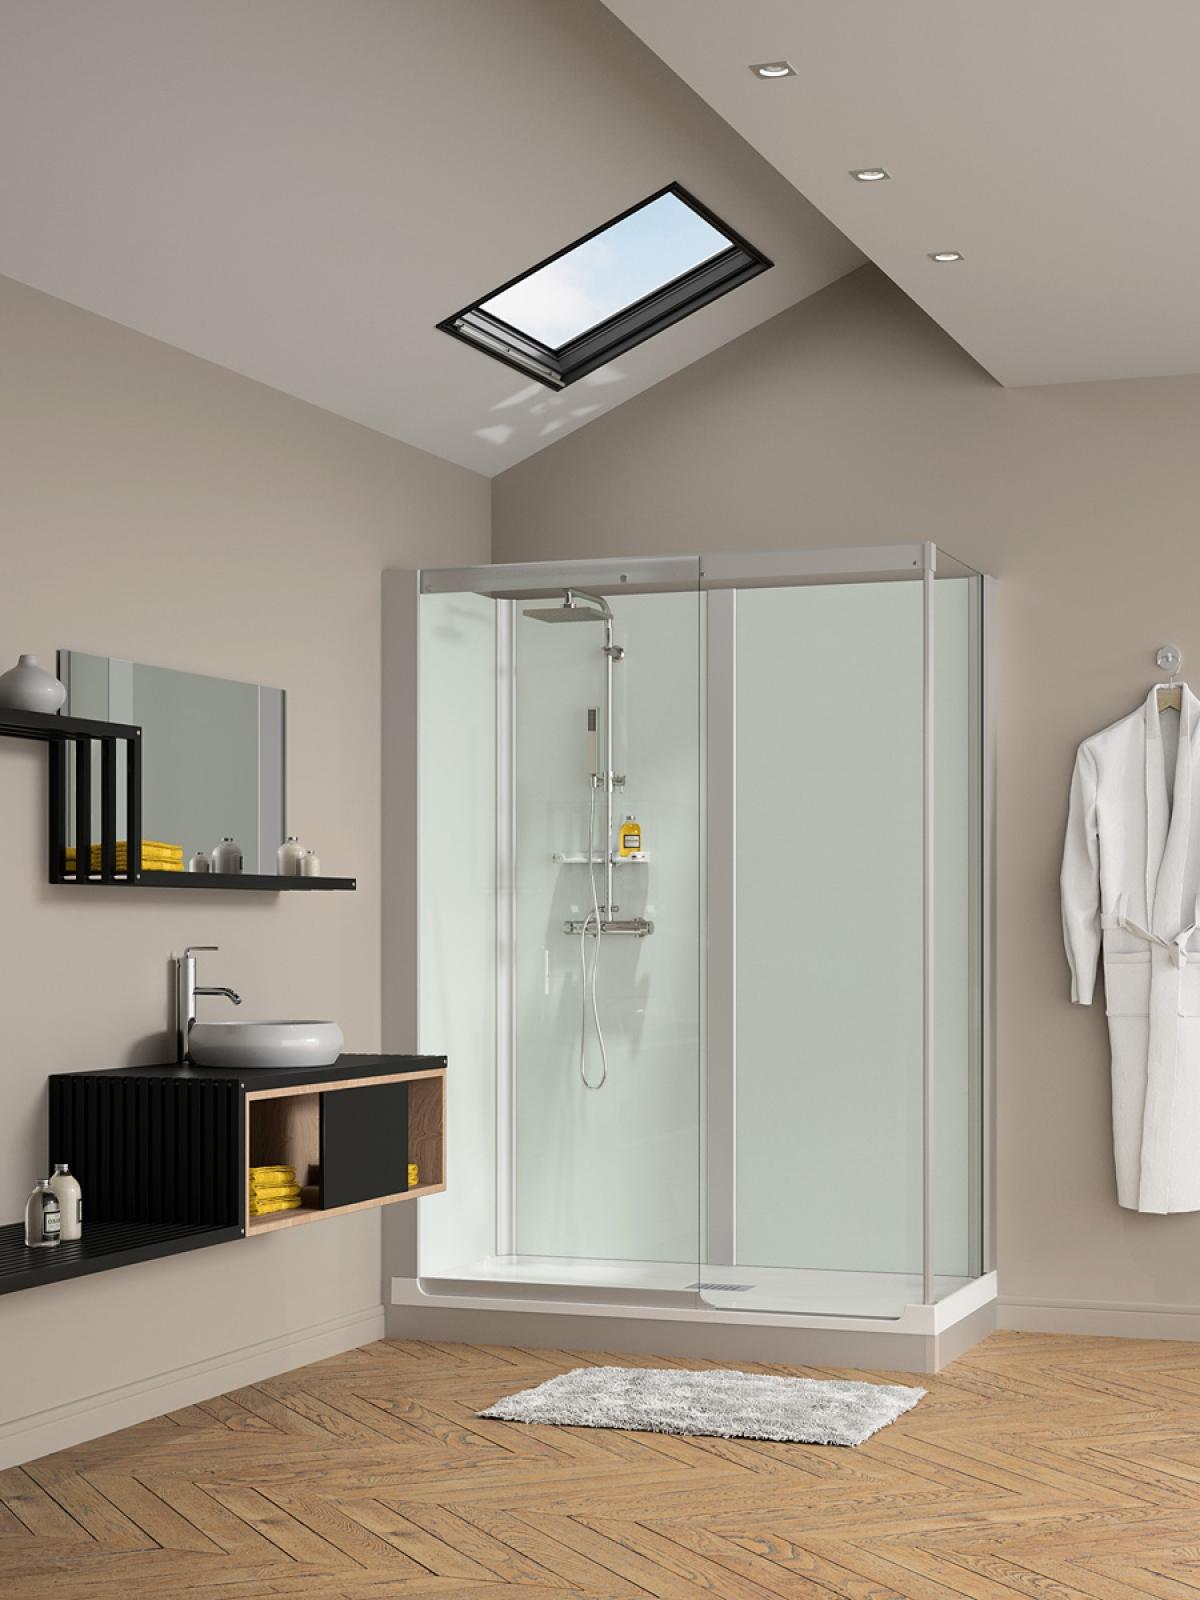 cabine de douche kinemagic design kinedo induscabel salle de bains chauffage et cuisine. Black Bedroom Furniture Sets. Home Design Ideas